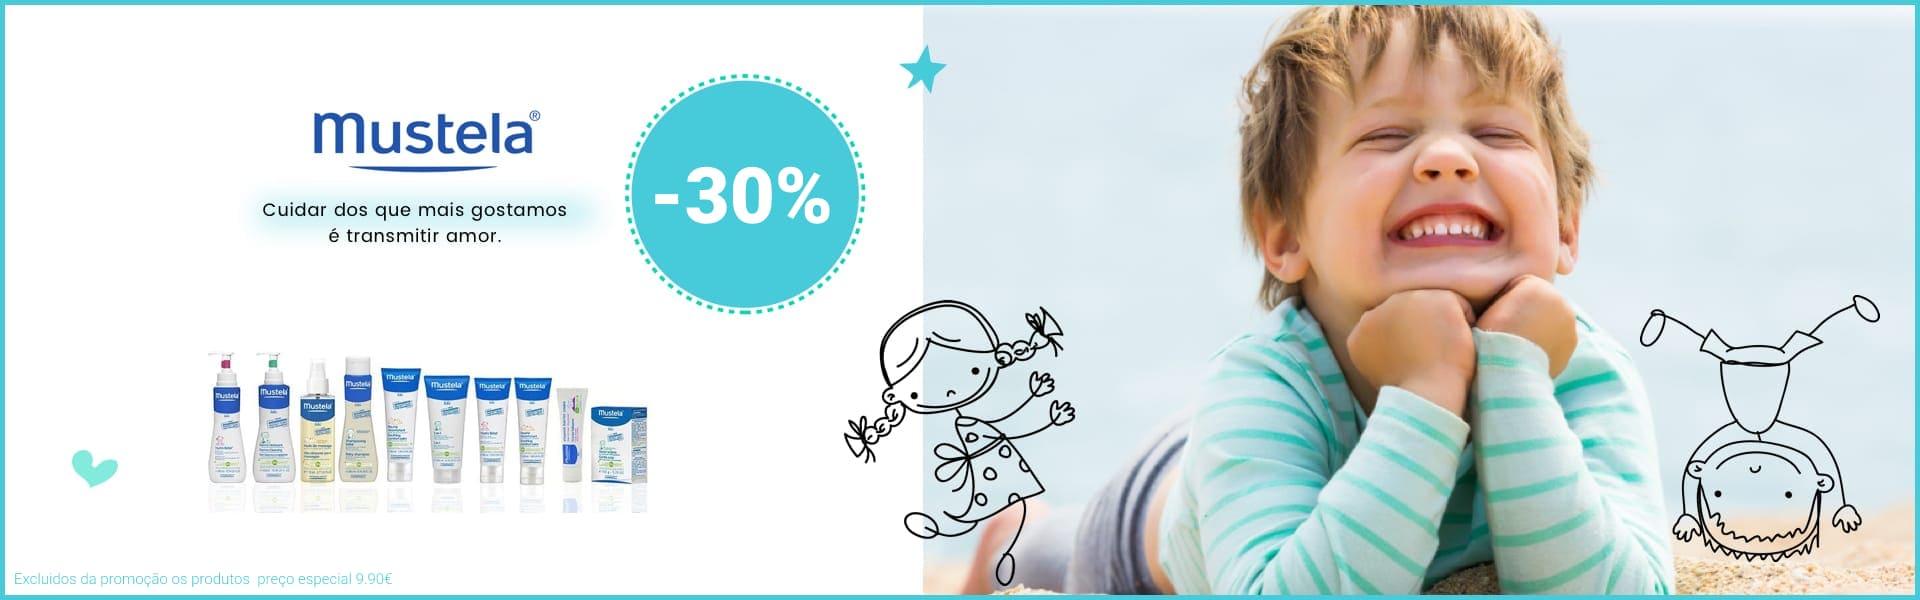 promoção produtos mustela para bebés e crianças